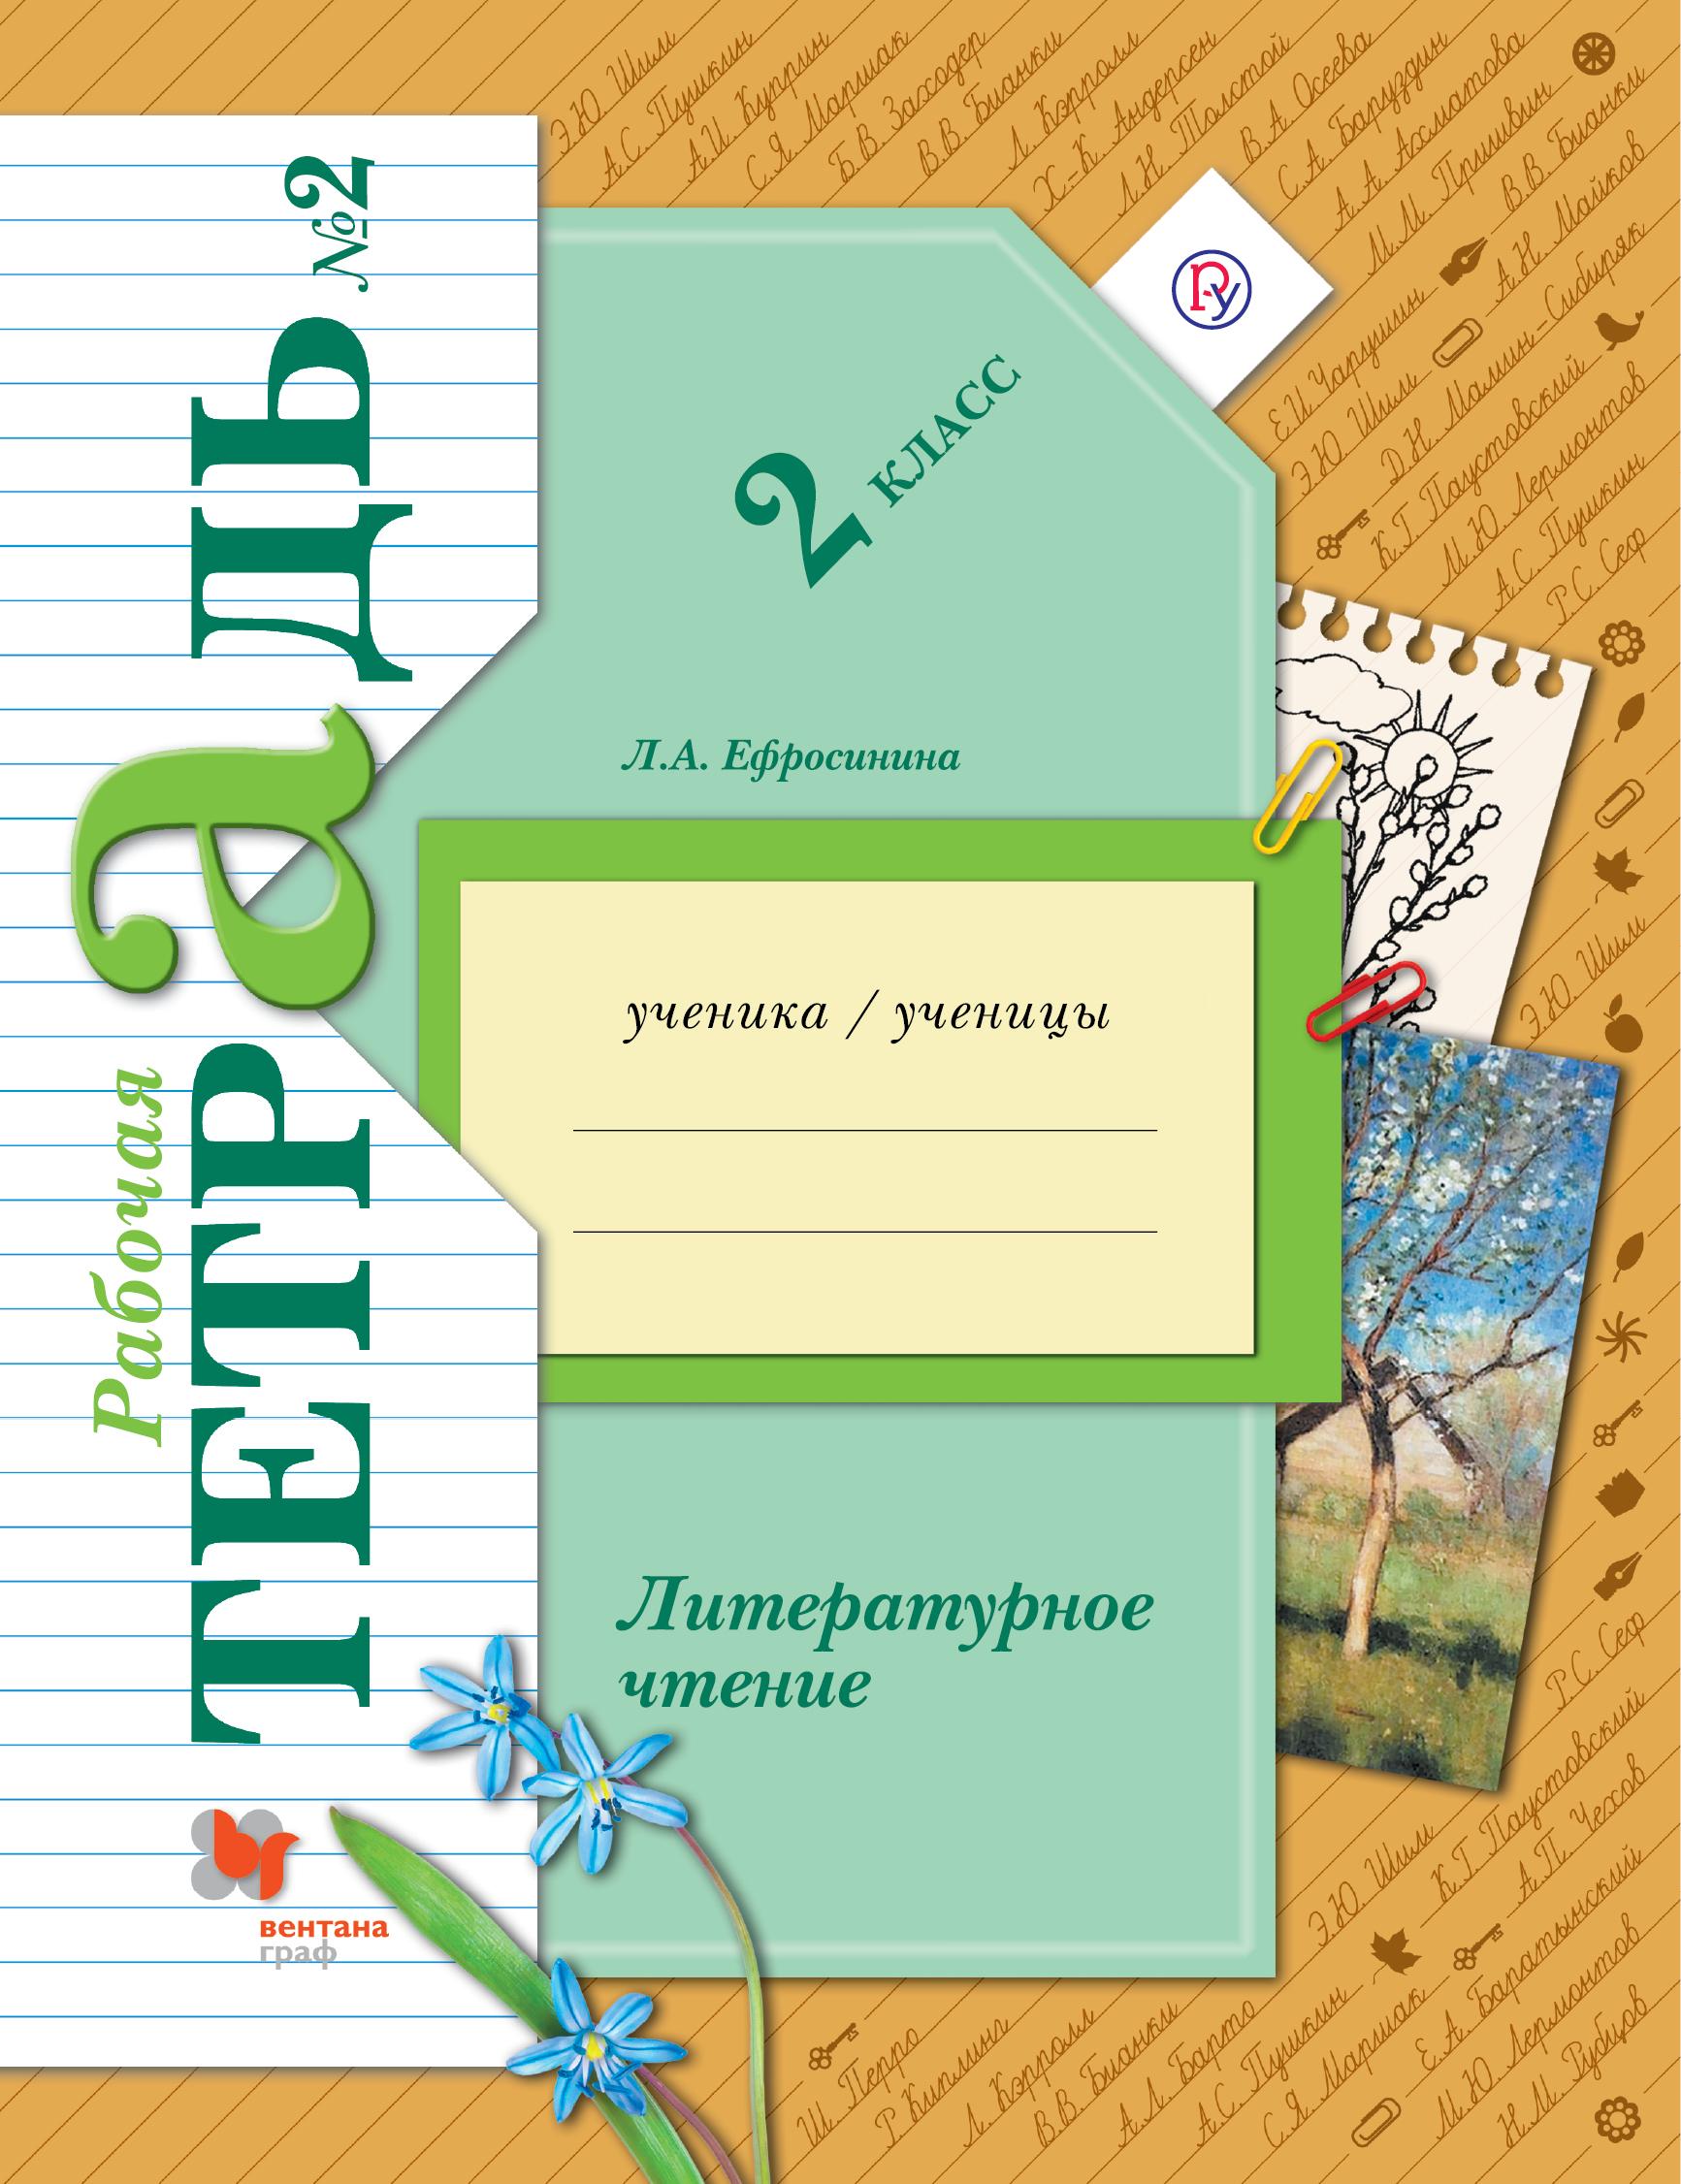 Литературное чтение. 2класс. Рабочая тетрадь №2. ( Ефросинина Любовь Александровна  )